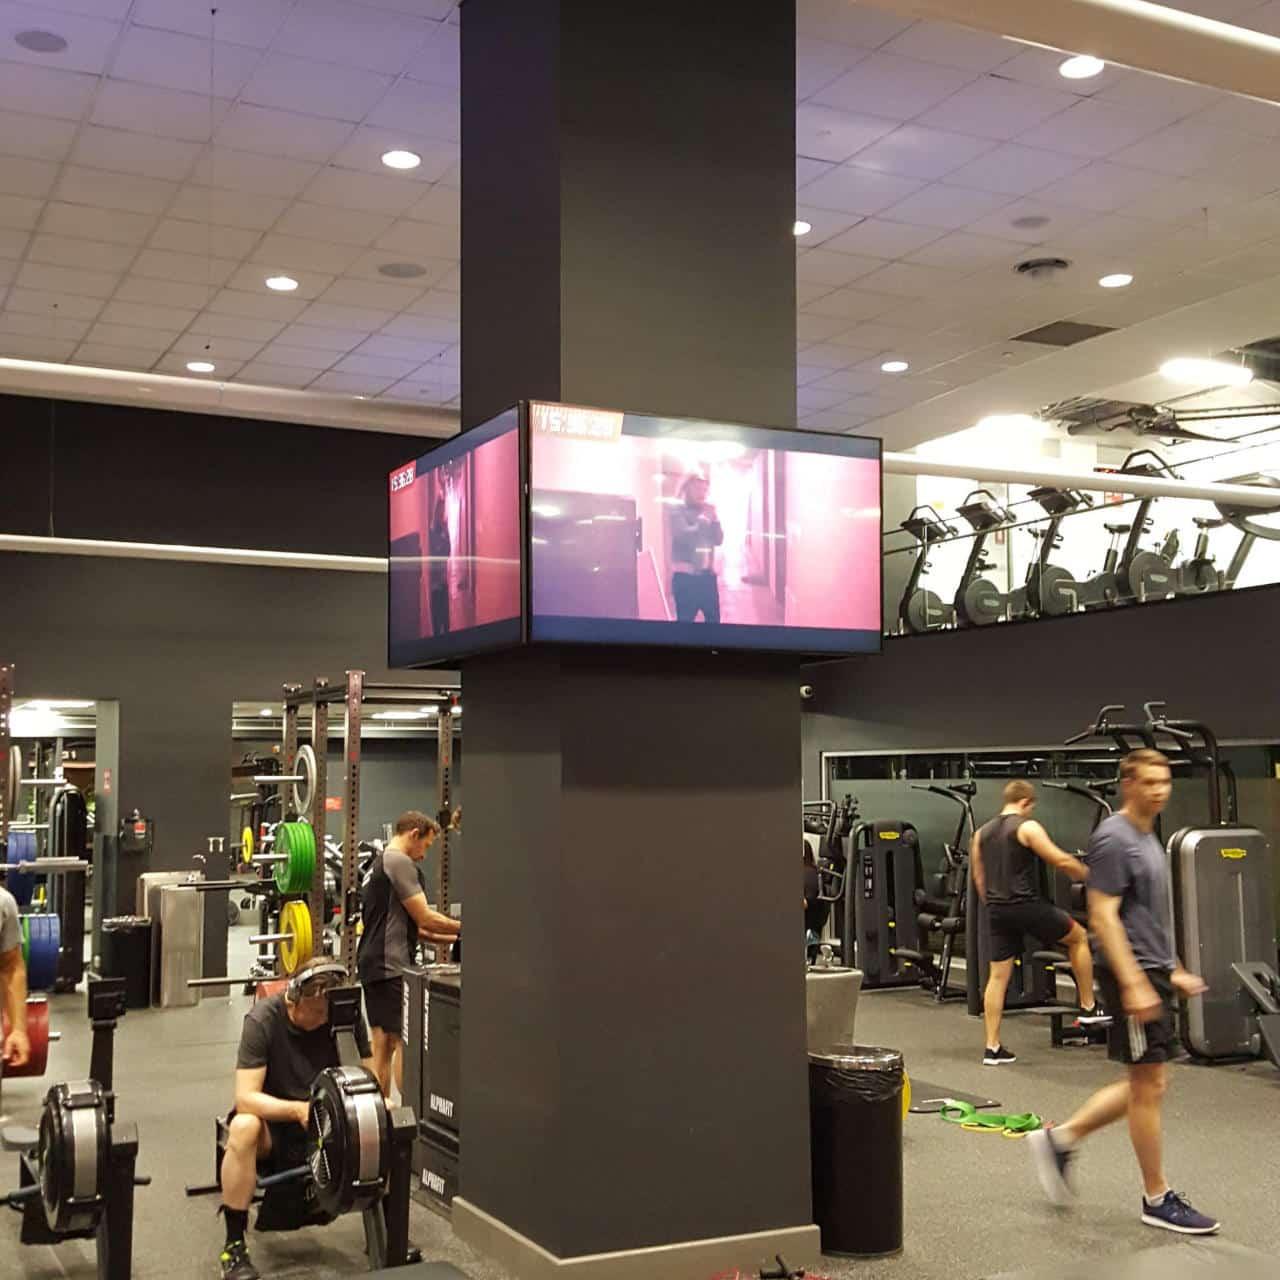 TVs around column